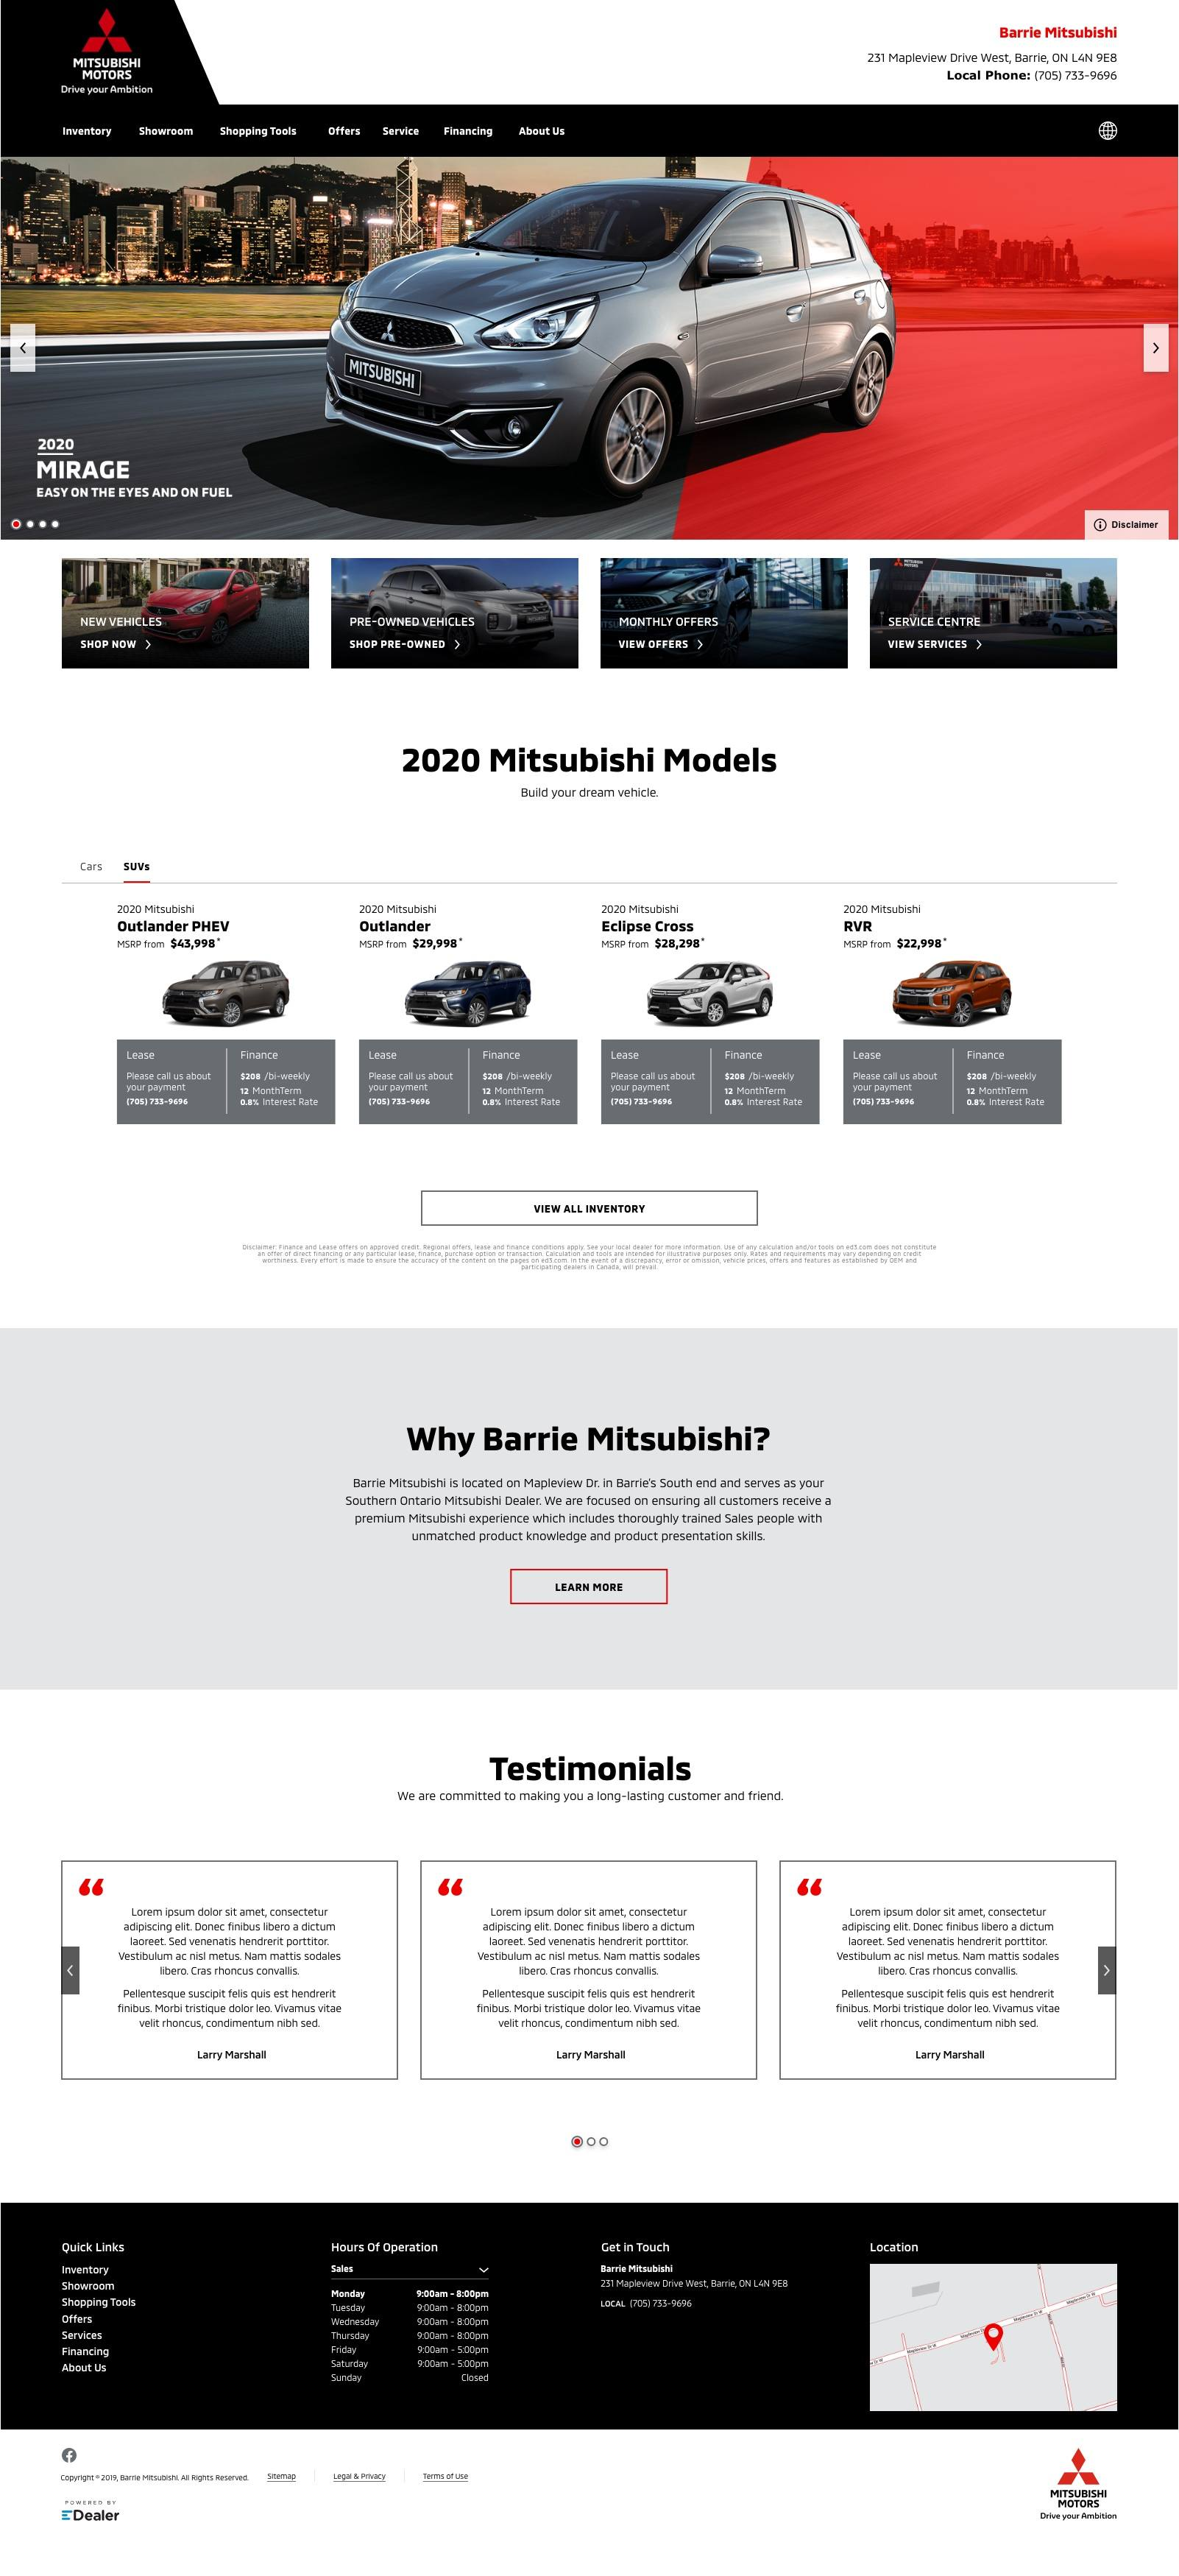 Barrie Mitsubishi